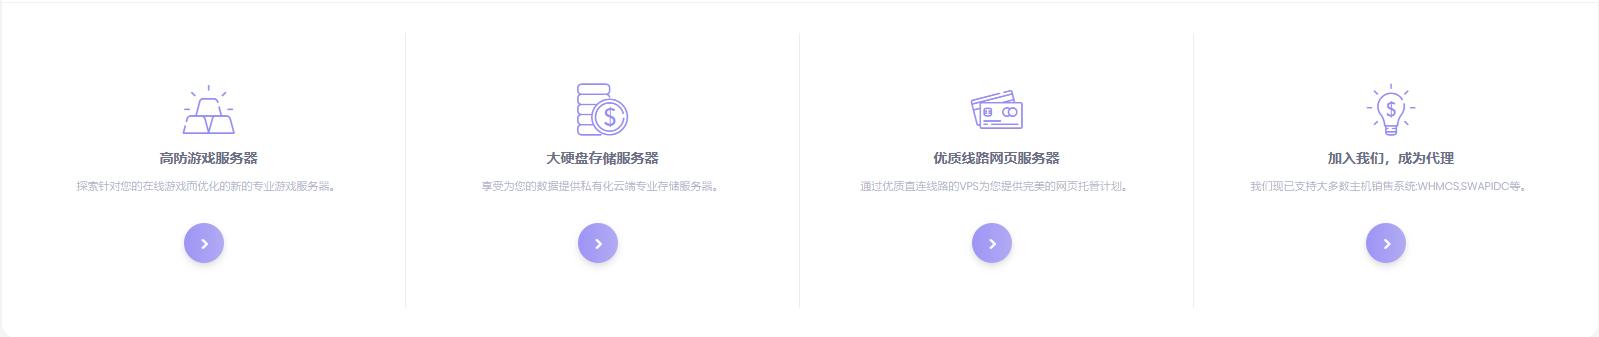 异株湖CloudService